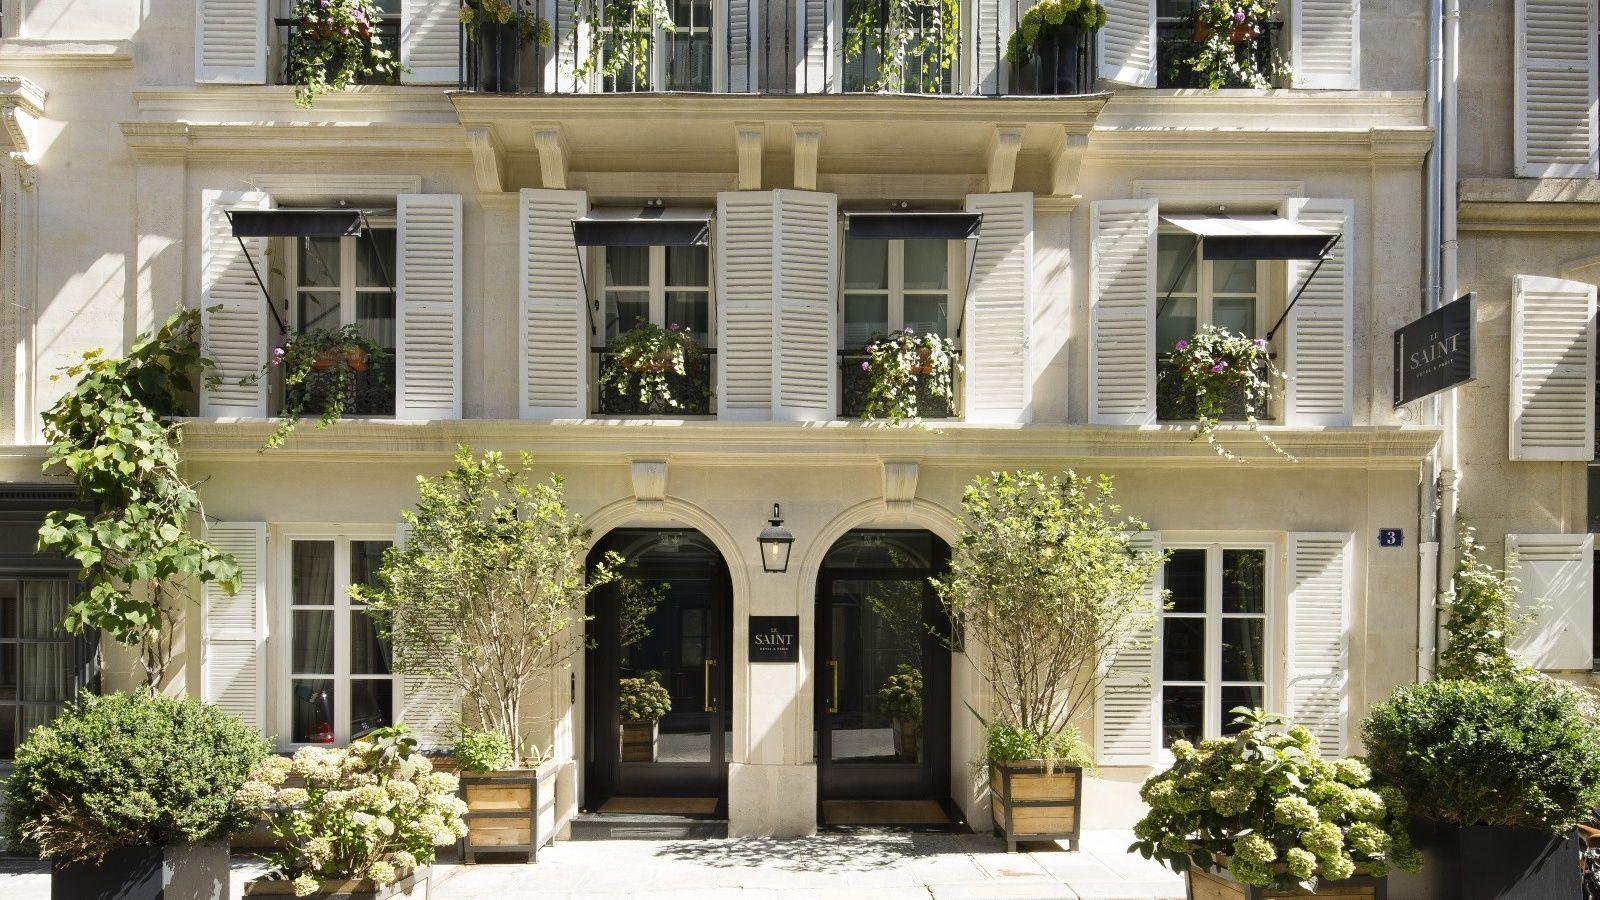 Hotel le Saint Paris | OFFICIAL SITE | Charming Hotel Saint